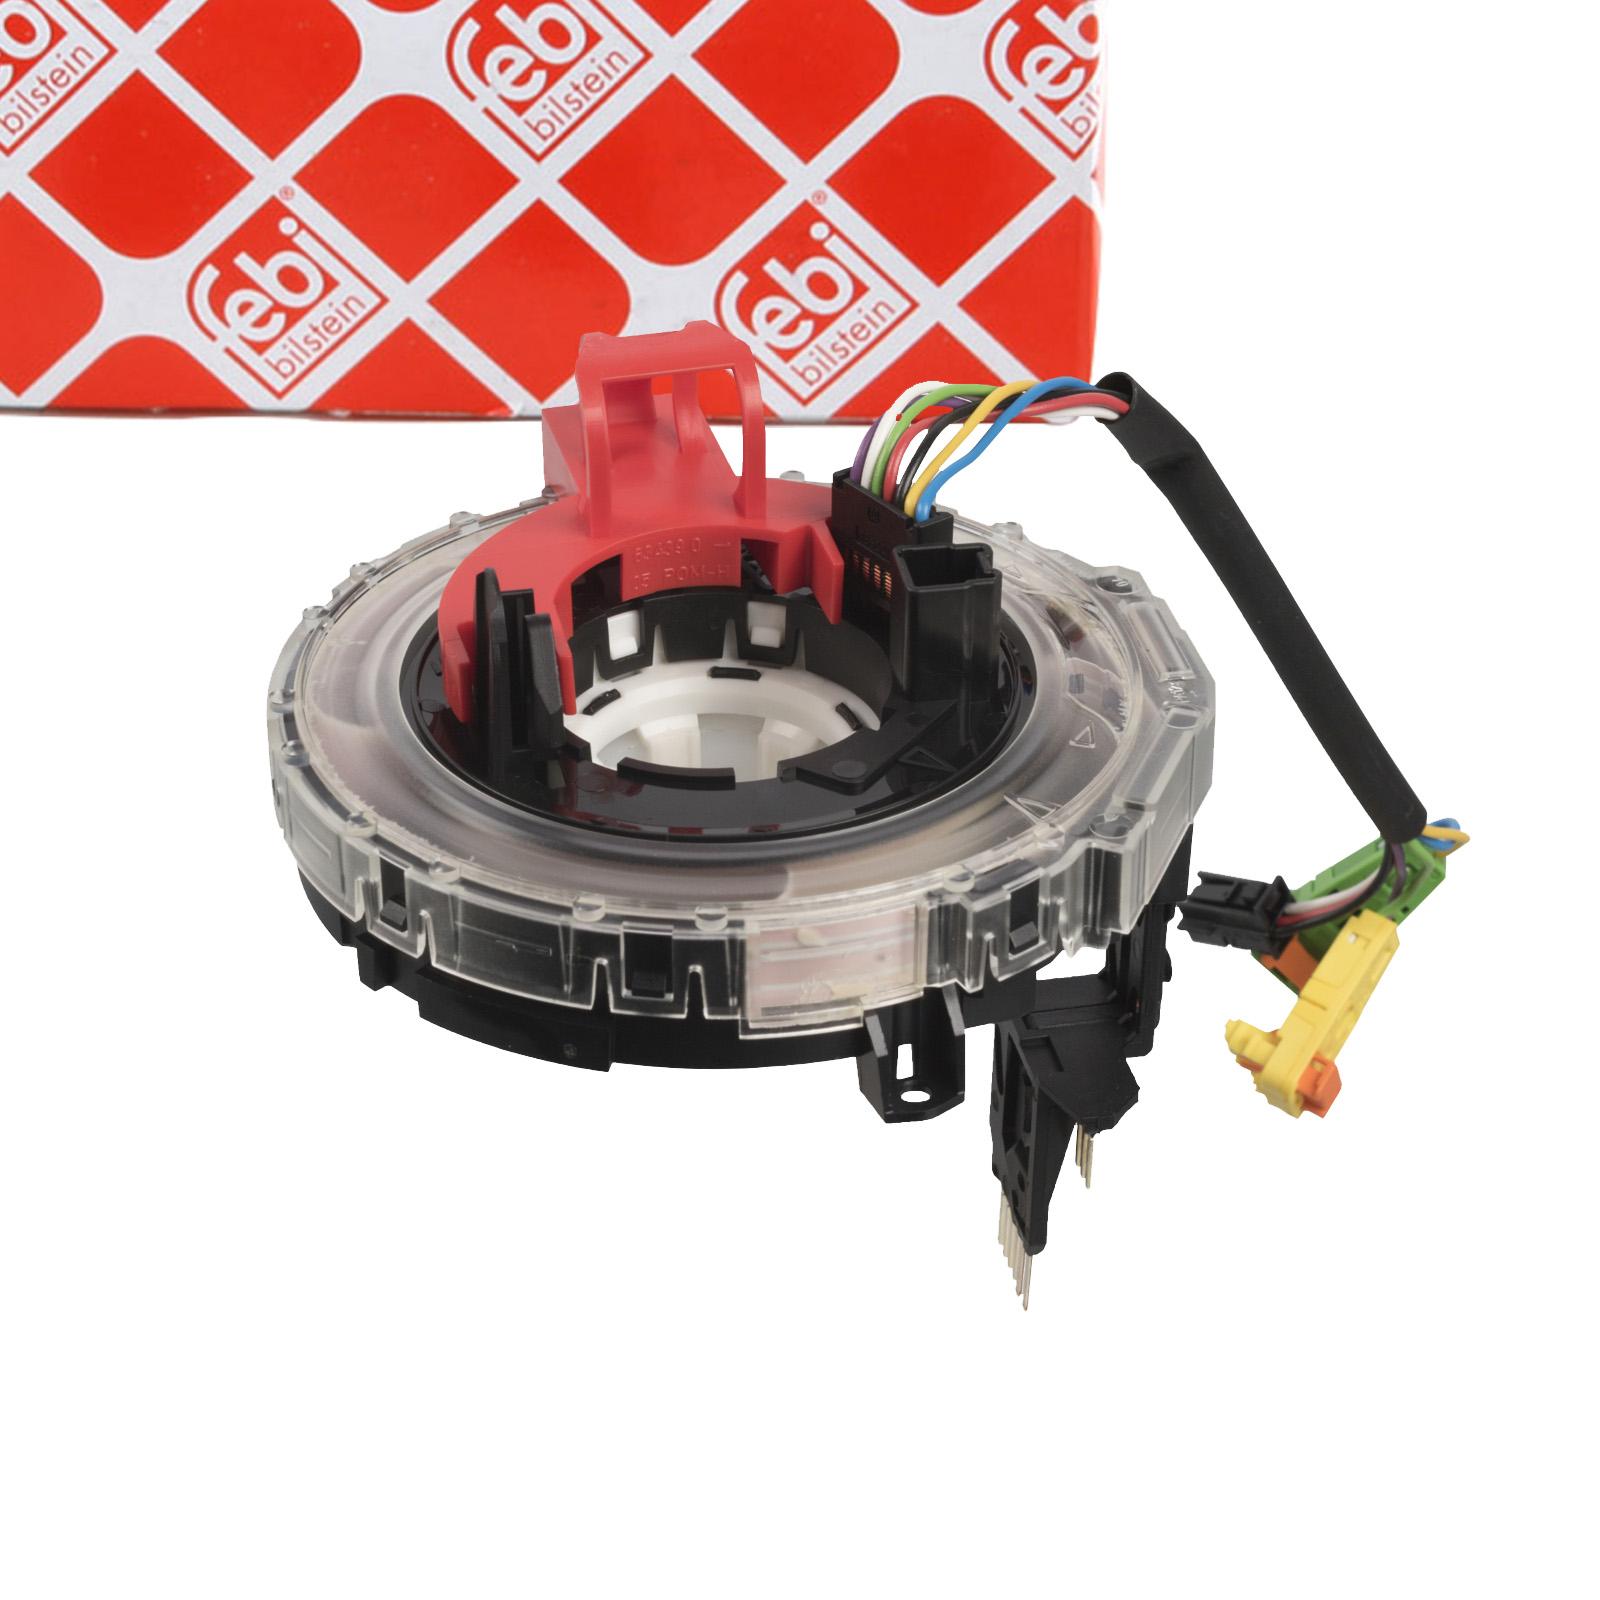 FEBI 103864 Wickelfeder Schleifring Airbag MERCEDES W211 W463 X164 W164 W251 W221